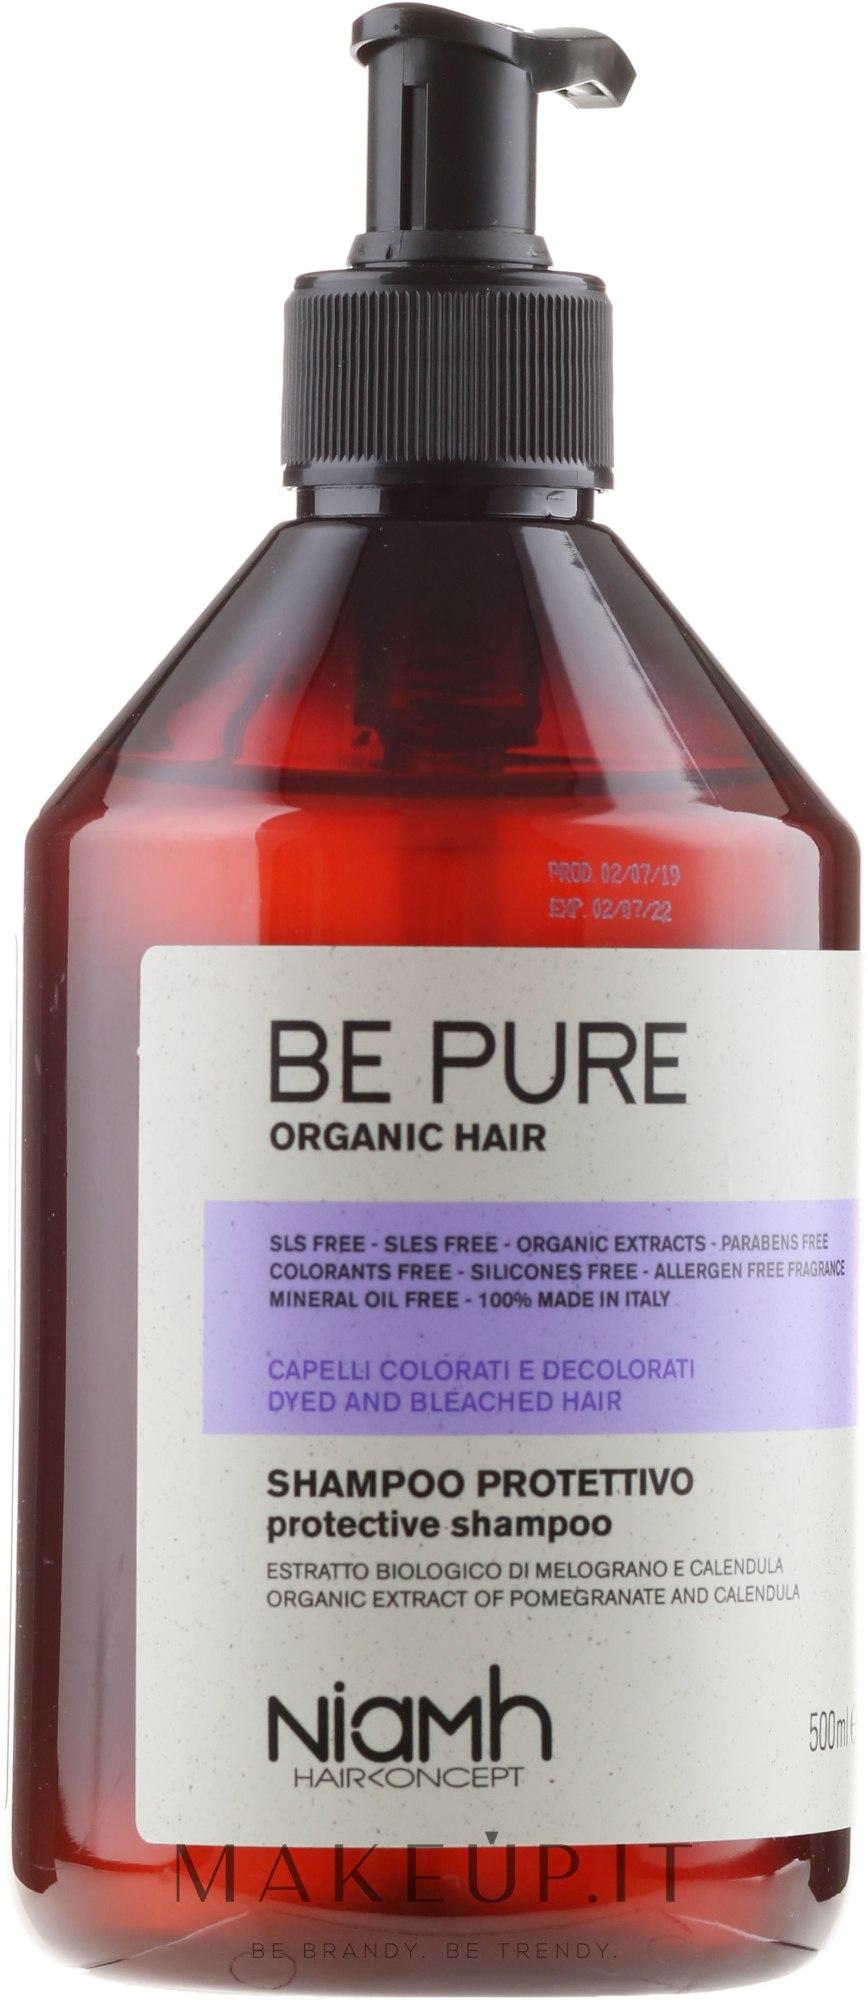 Shampoo protettivo per capelli colorati e decolorati - Niamh Hairconcept Be Pure Protective Shampoo — foto 500 ml